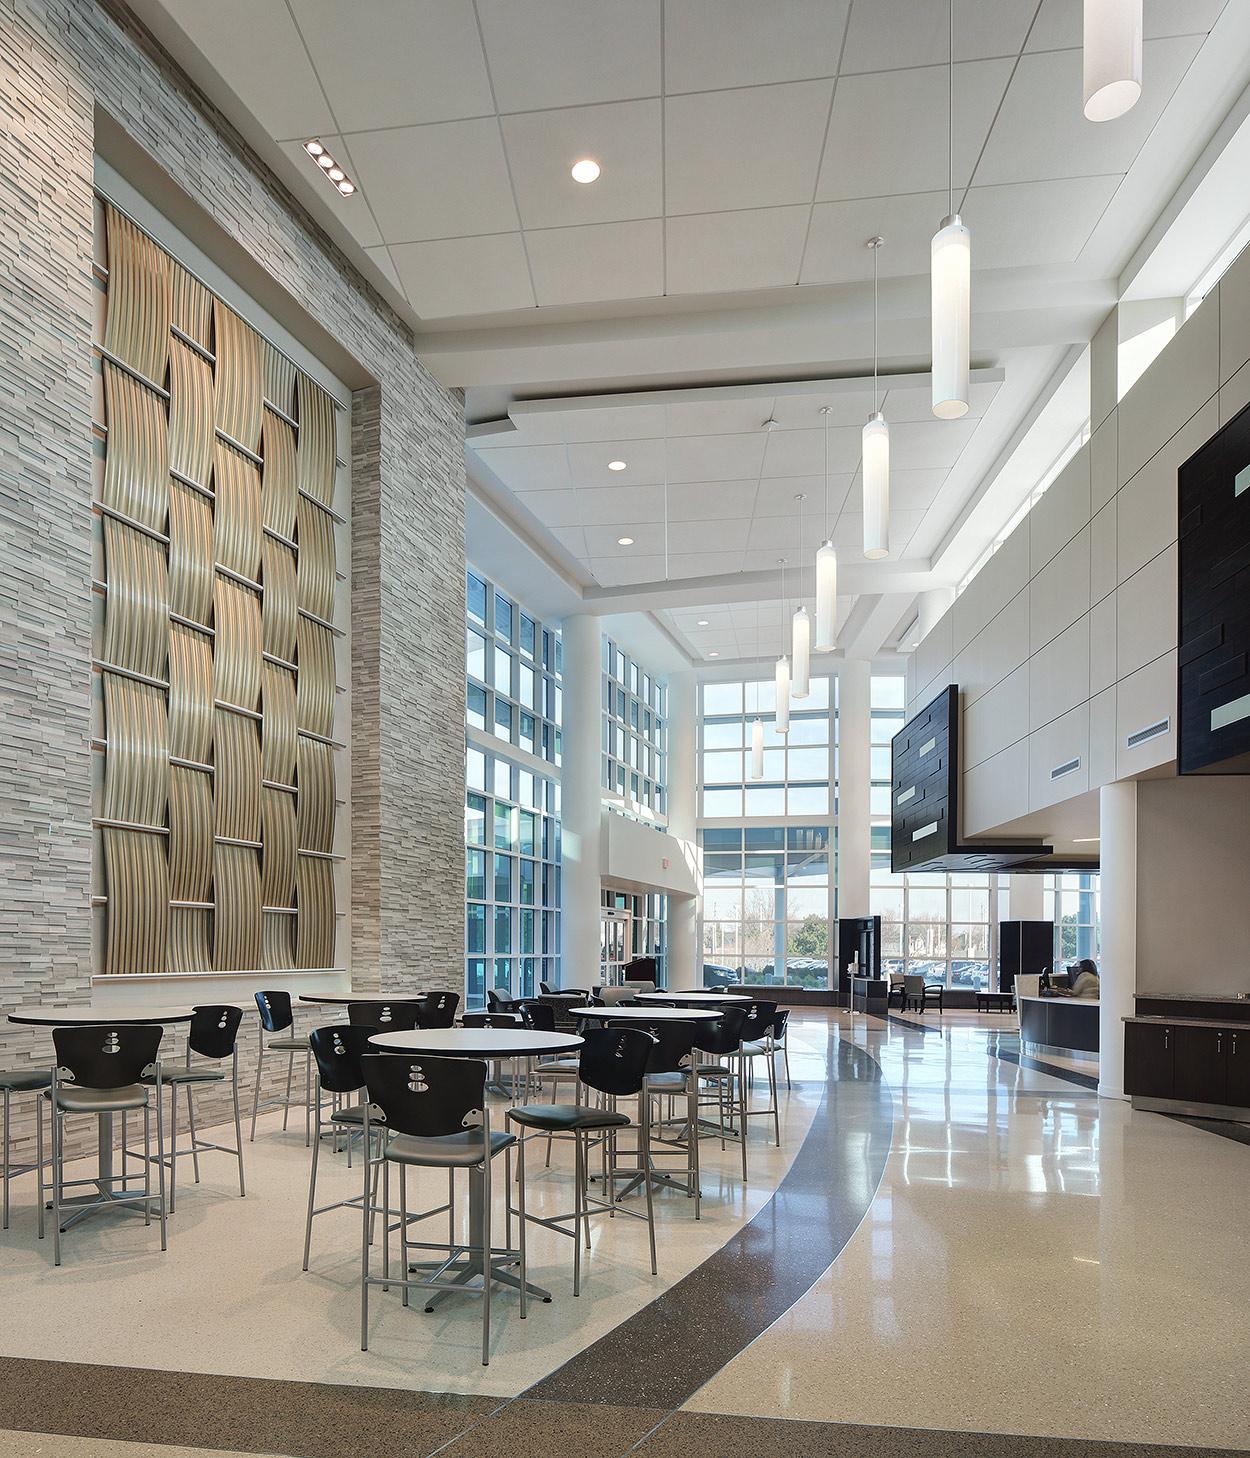 Chicago IL hospital lobby photographer